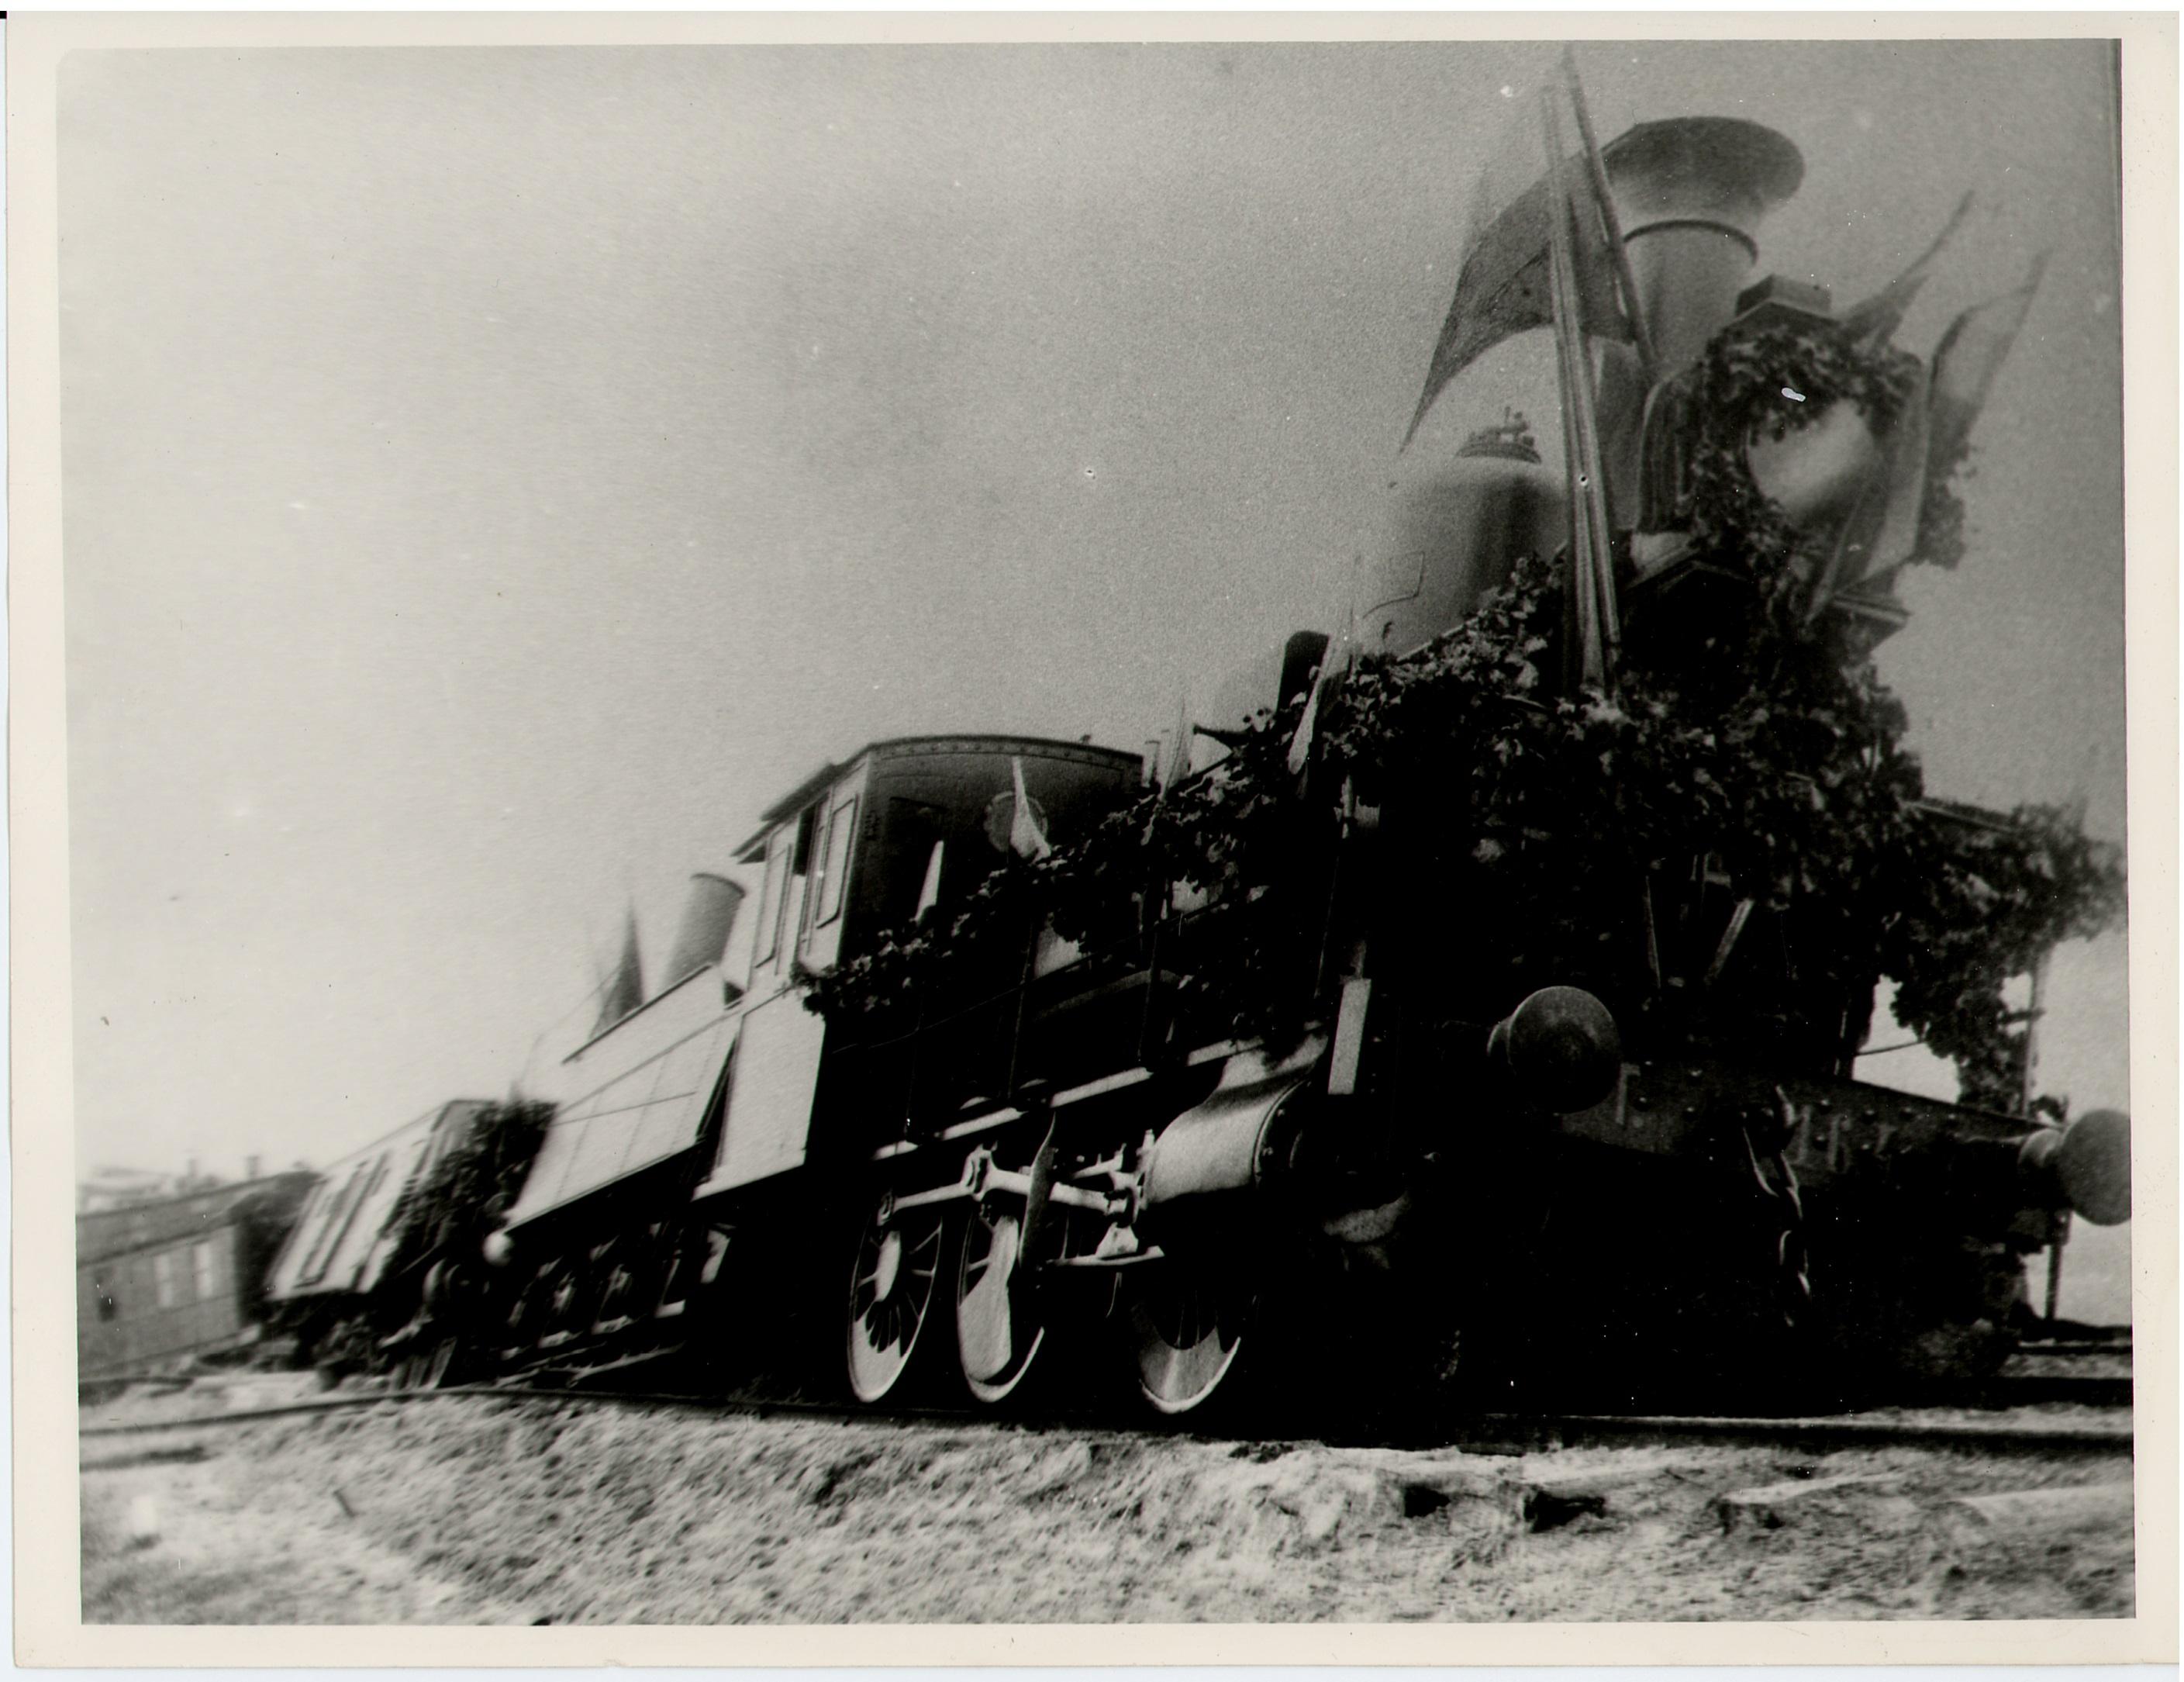 КП-1847 Ф-313 Фотокопия черно-белая.jpg